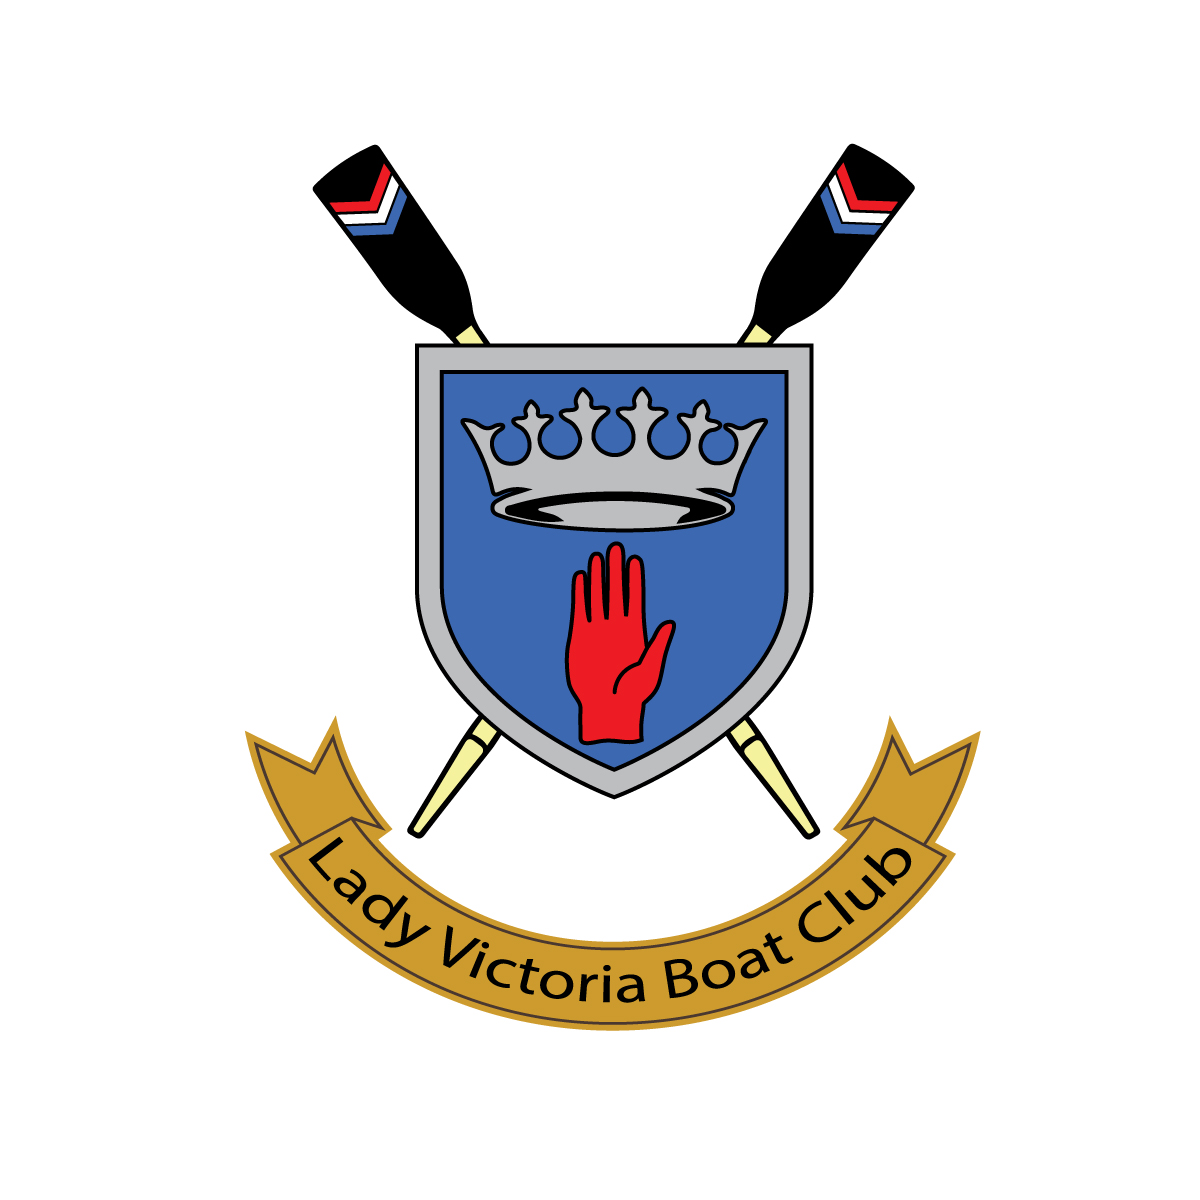 Queen's Rowing Alumni - Lady Victoria Boat Club